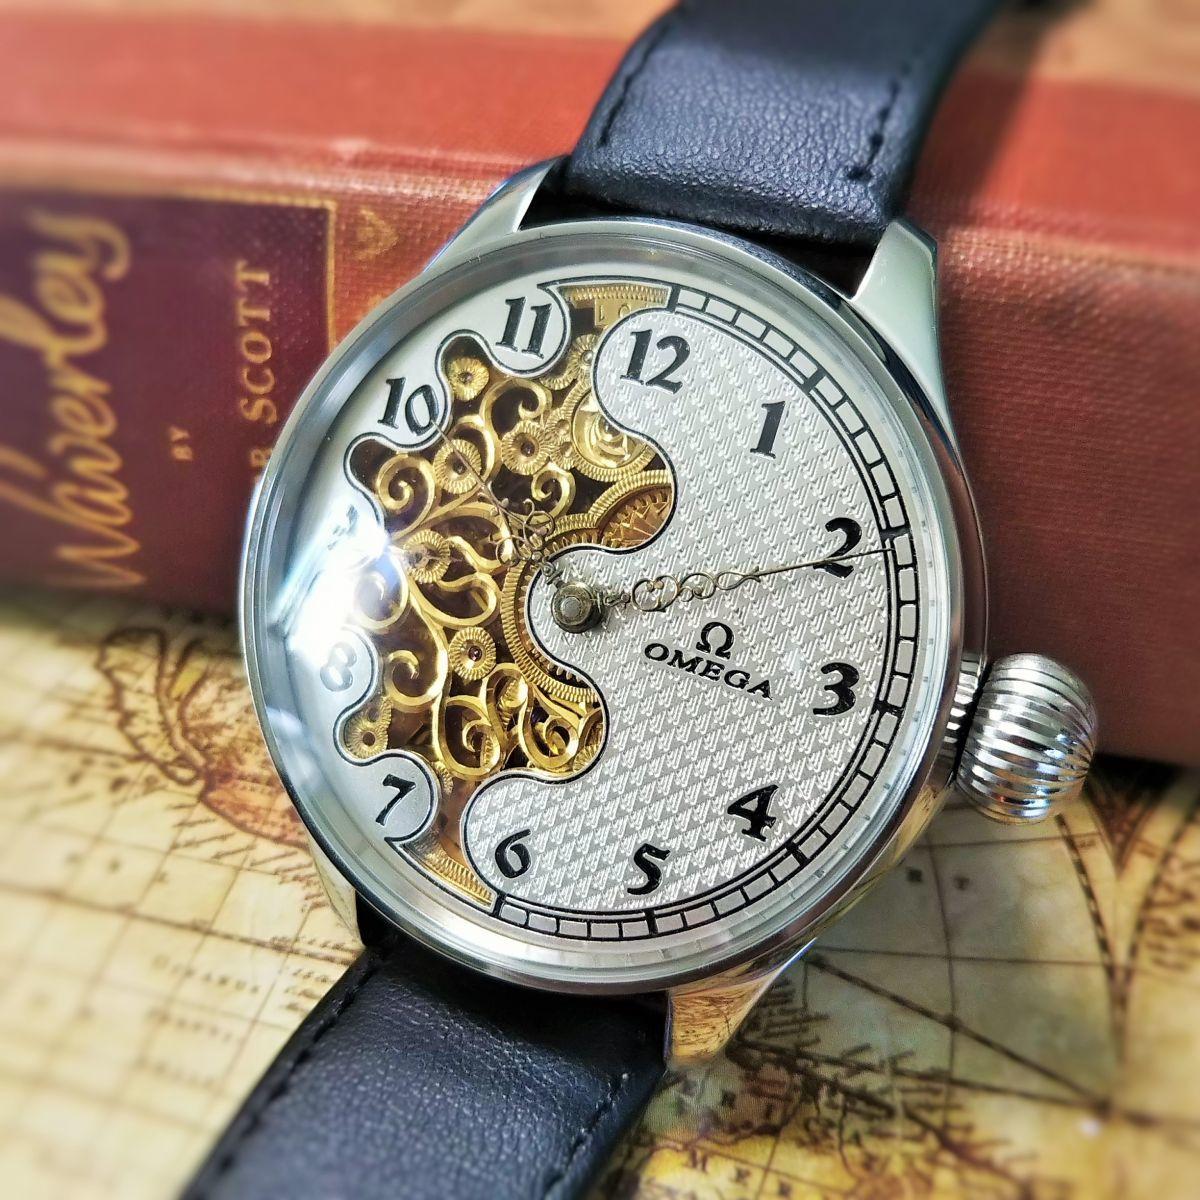 ★OMEGAオメガ 1910's 48mm スケルトン 彫刻 メンズ腕時計 アンティークウォッチ 手巻き 動作良好 OH済 返品保証 送料無料 美品レア希少